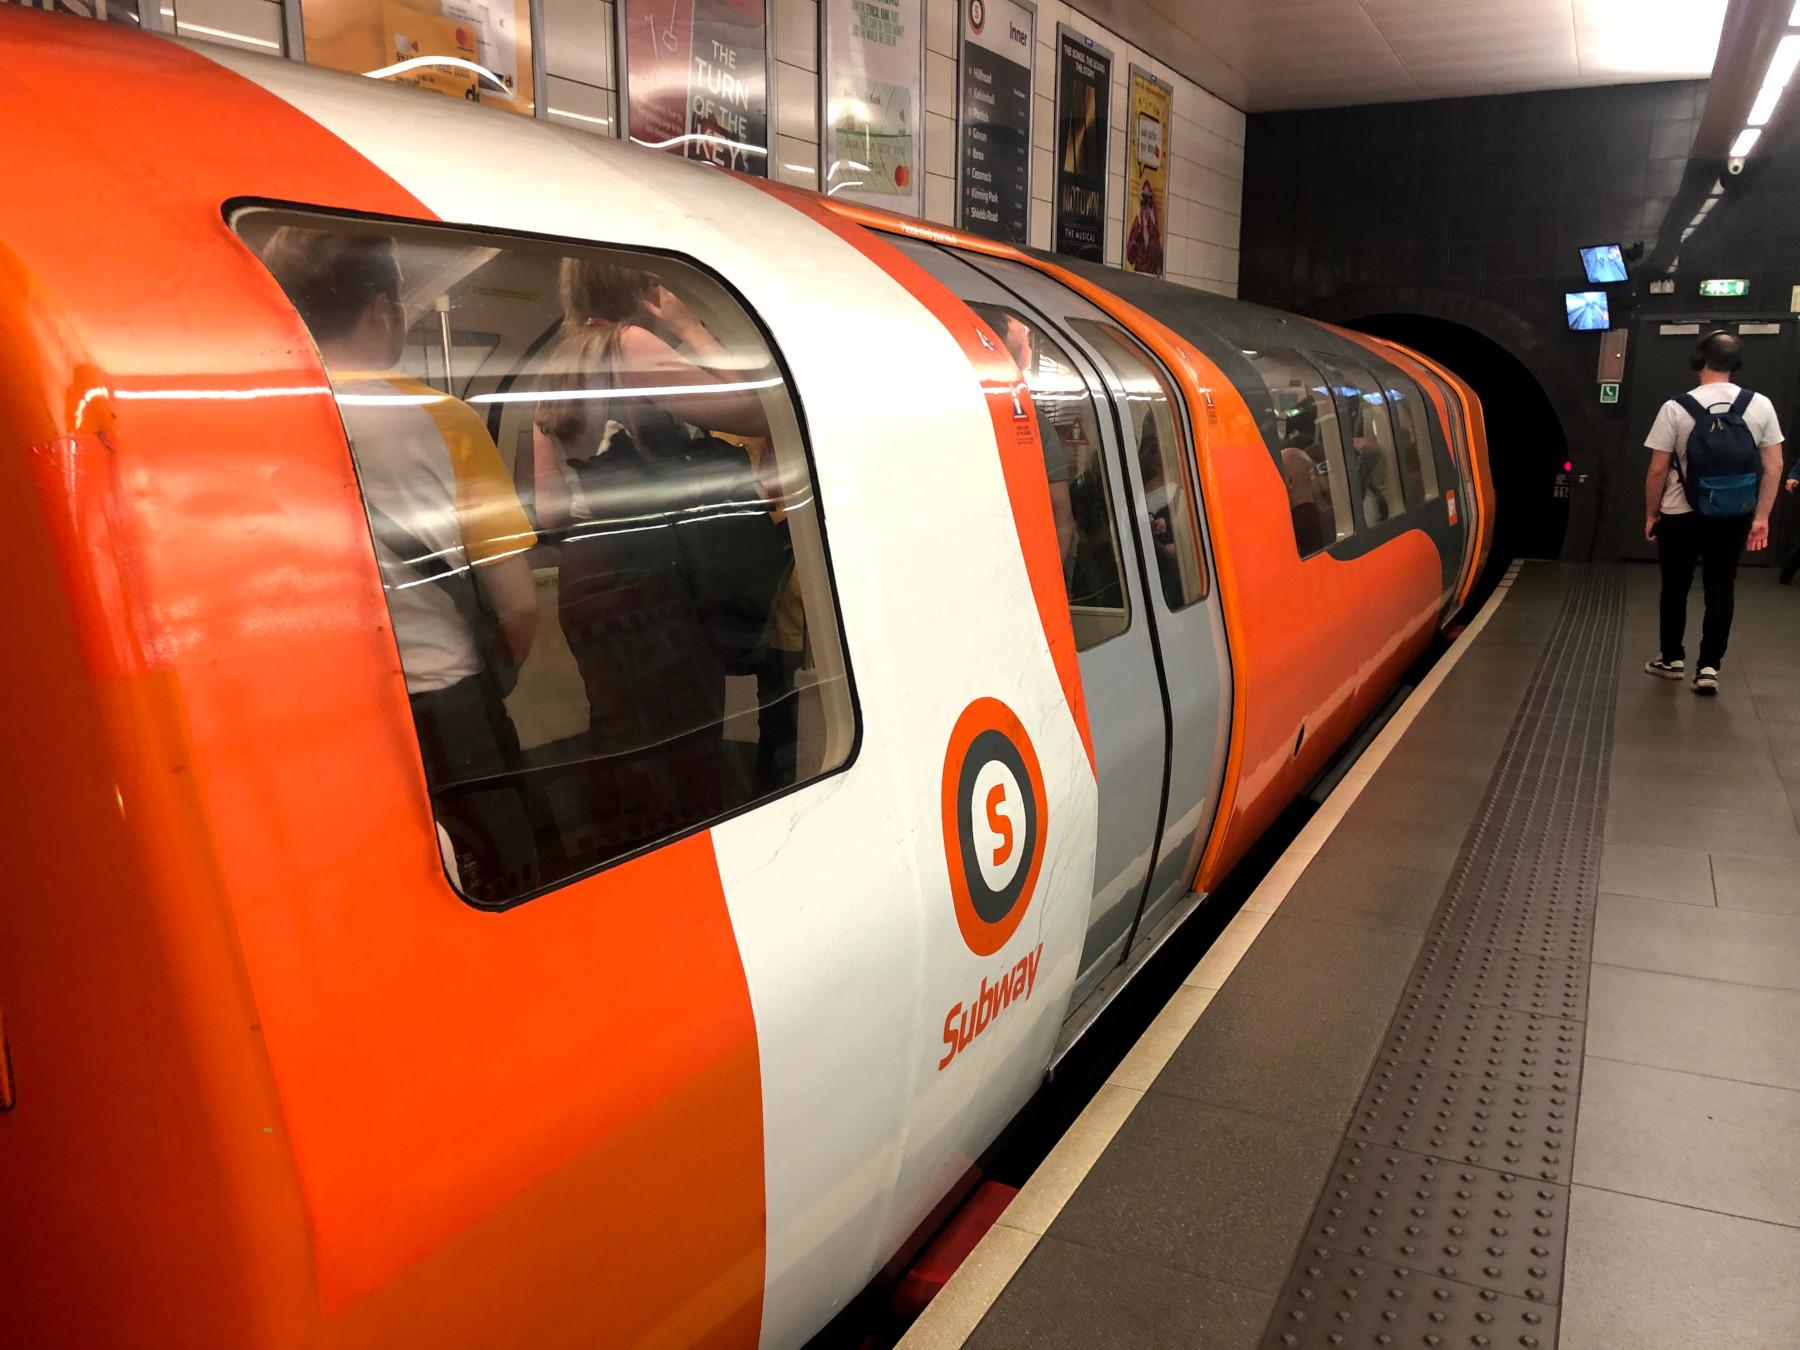 поезд метро Глазго